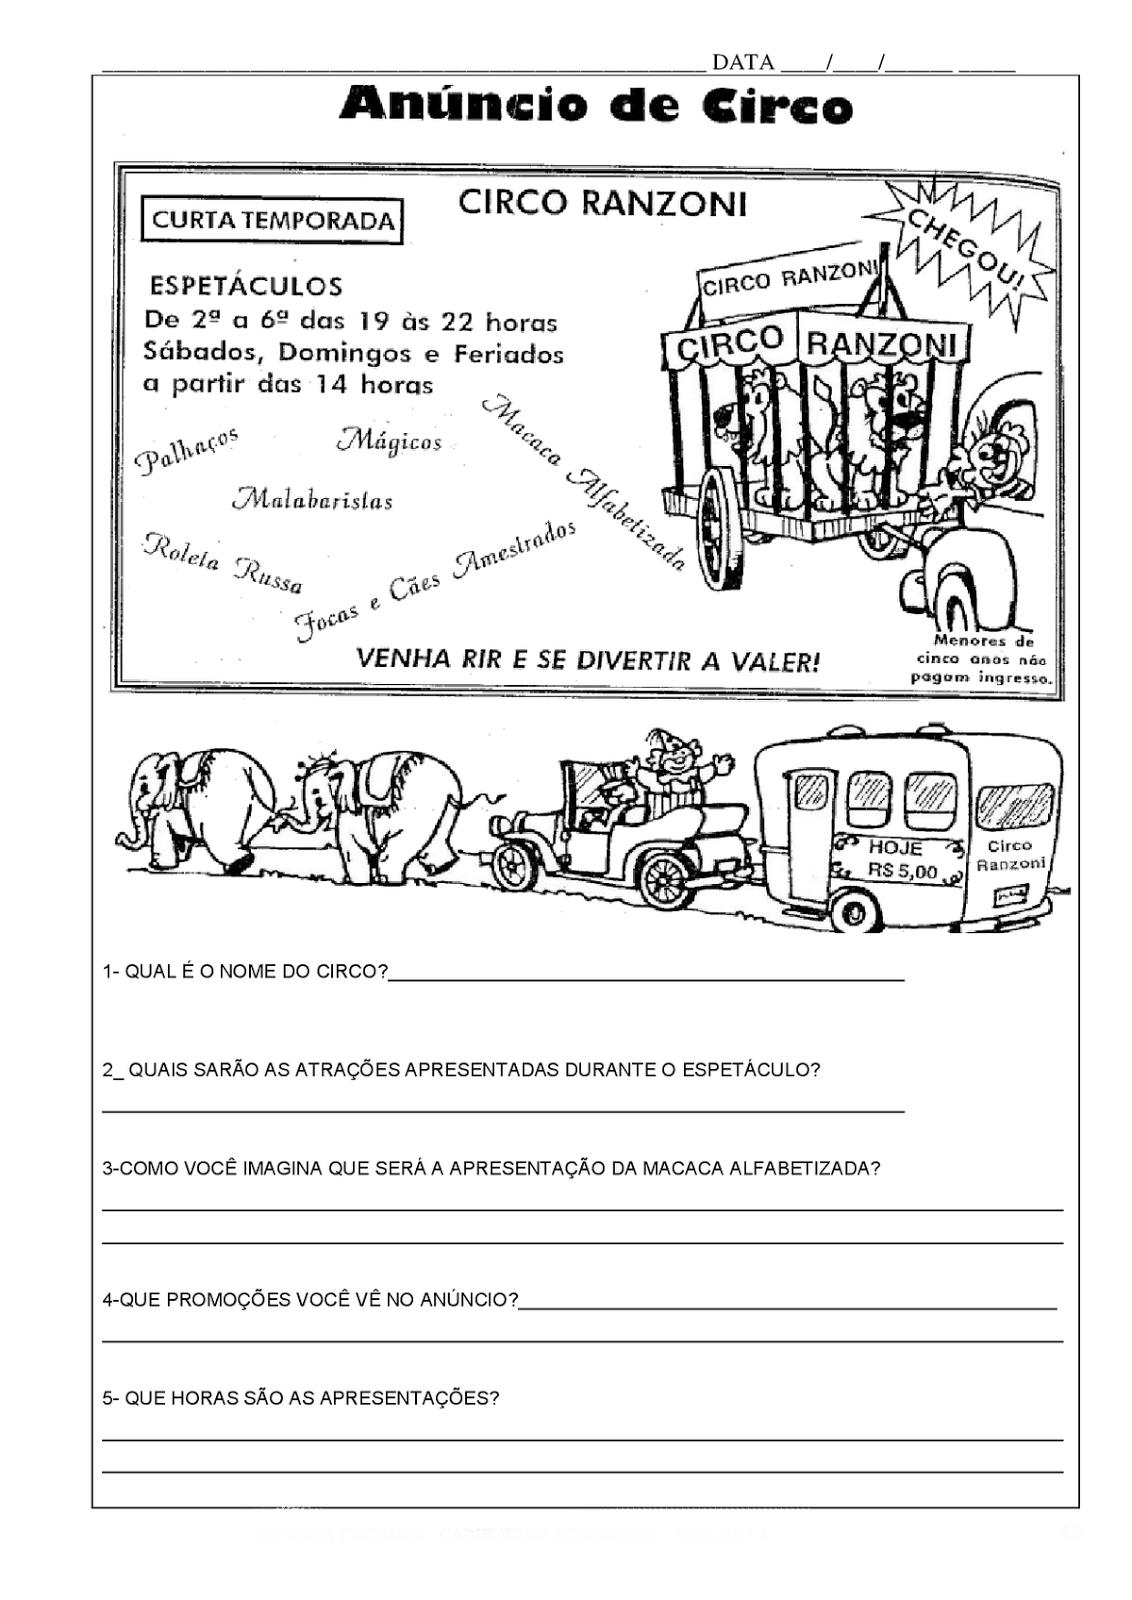 Atividades E Desenhos 06 2014 -> Atividades Com Substantivos Simples E Composto 4 Ano